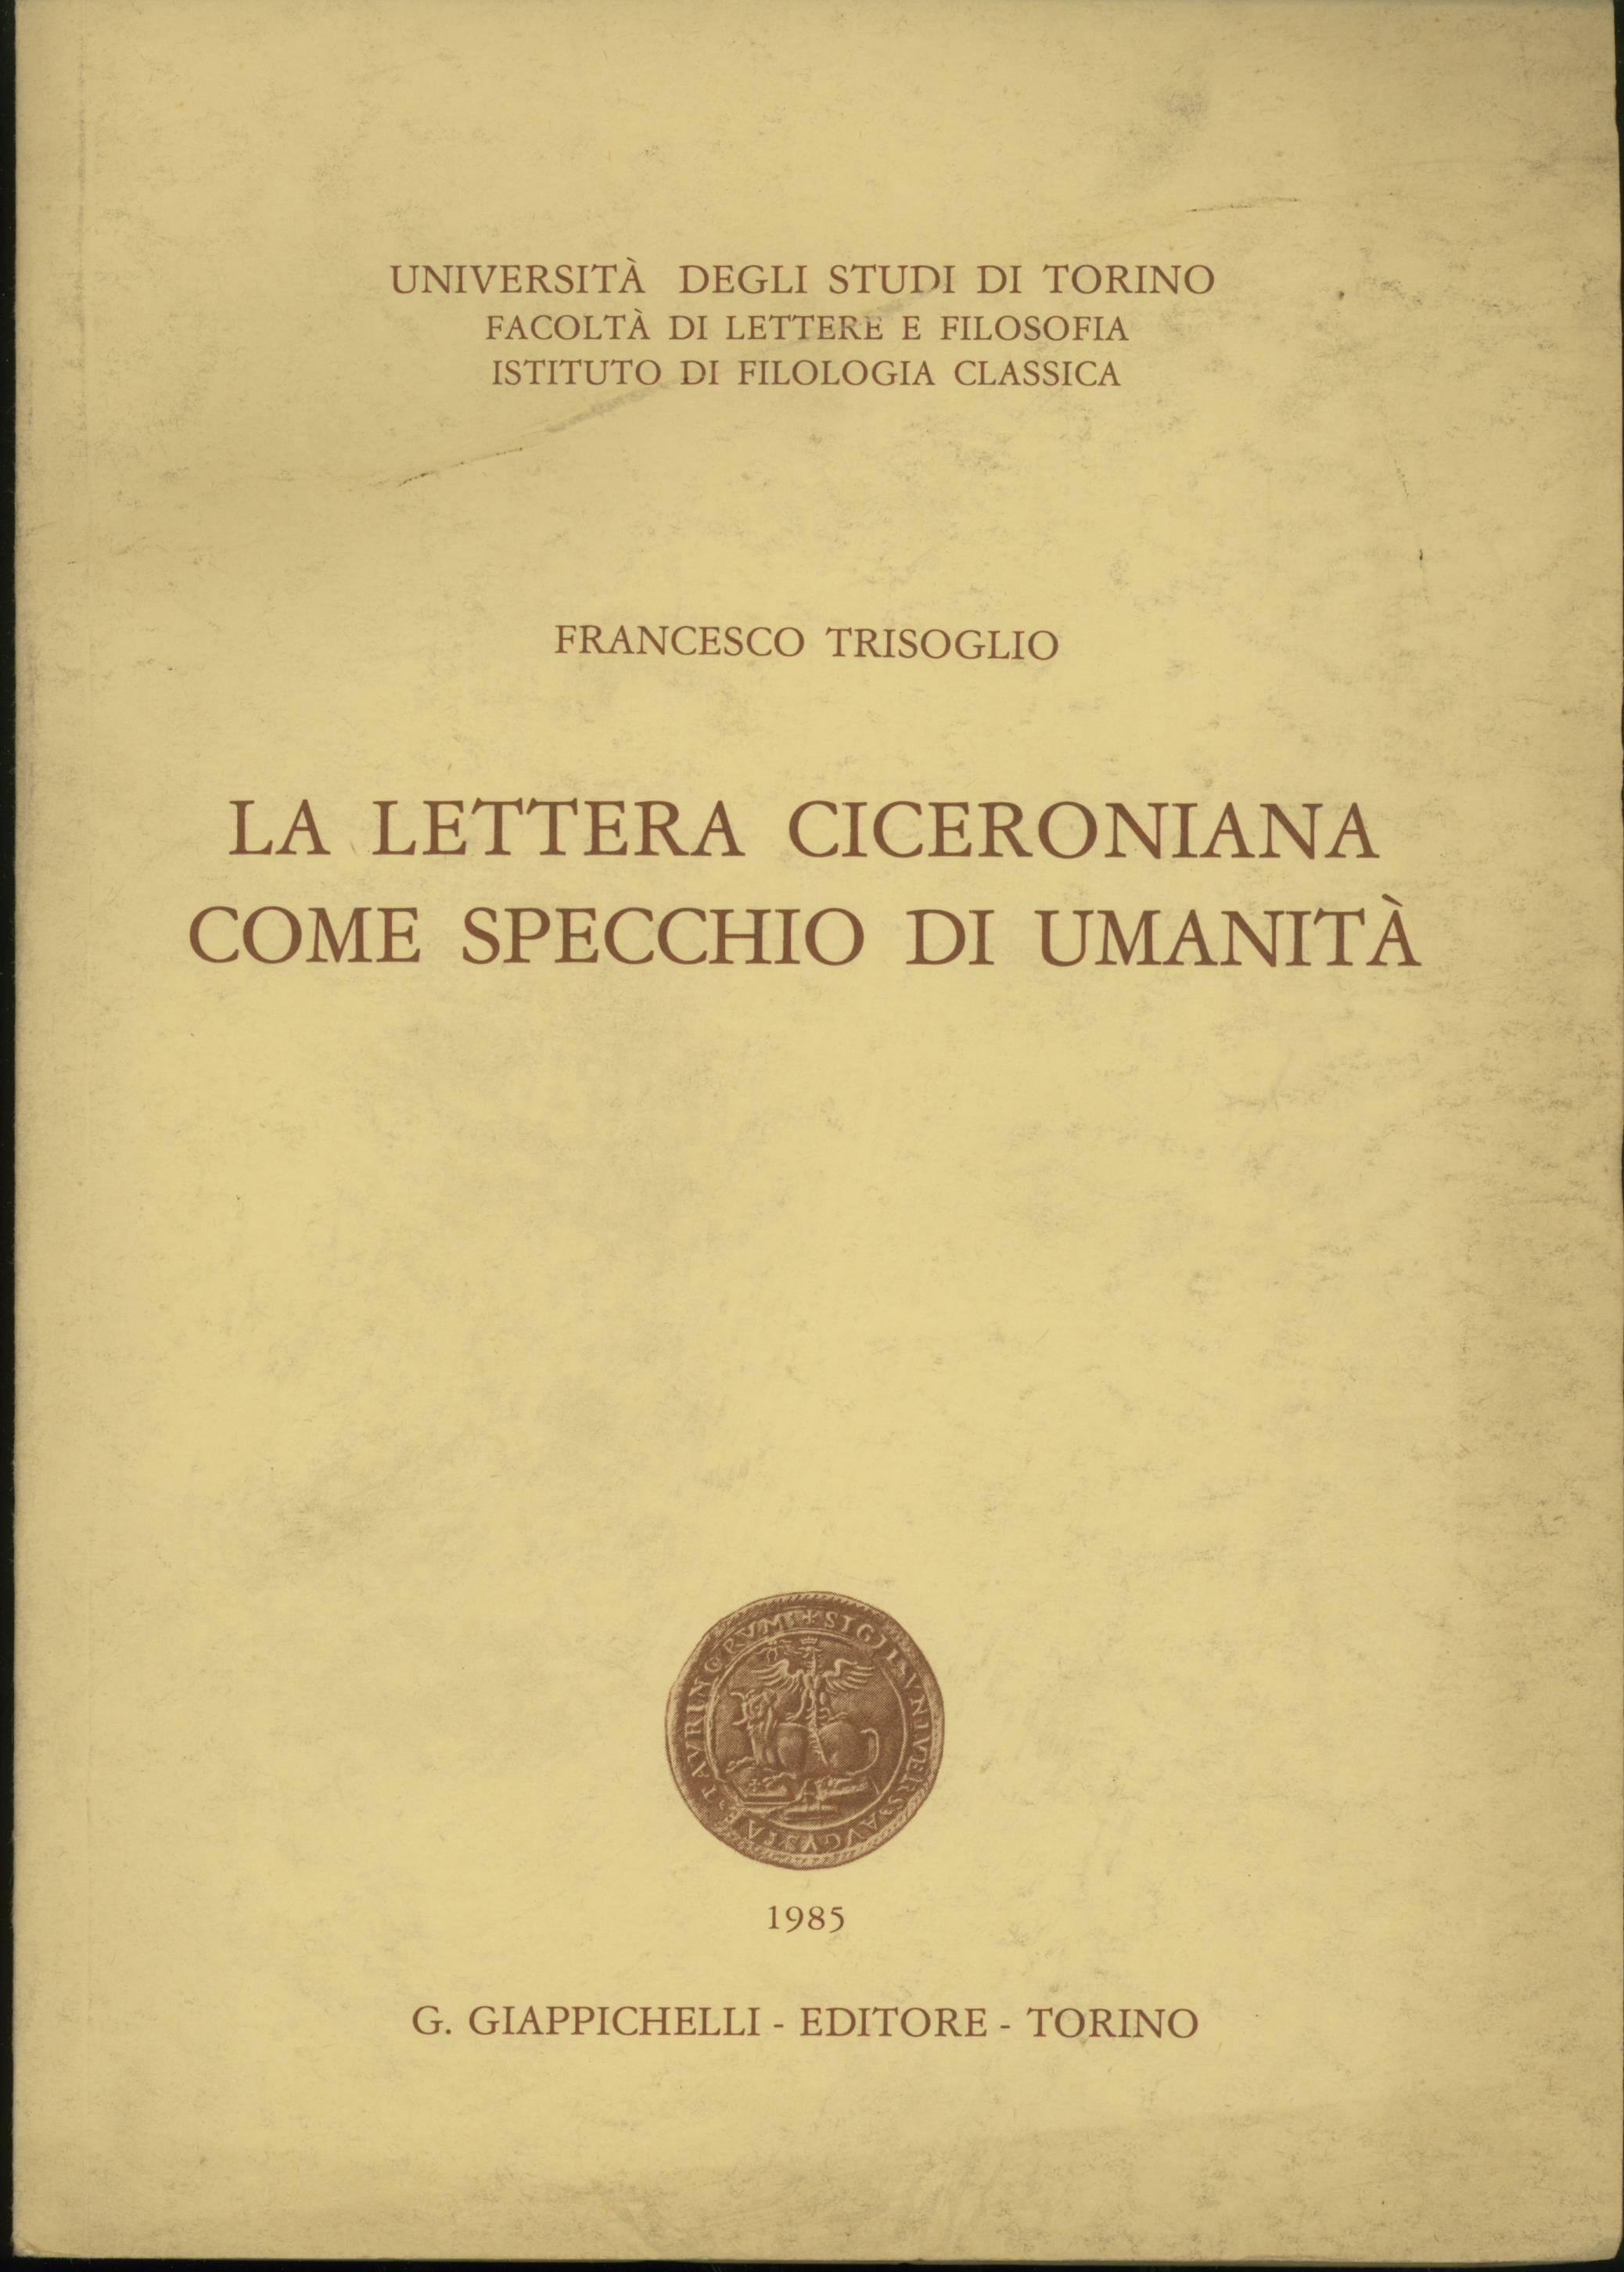 La lettera ciceroniana come specchio di umanità